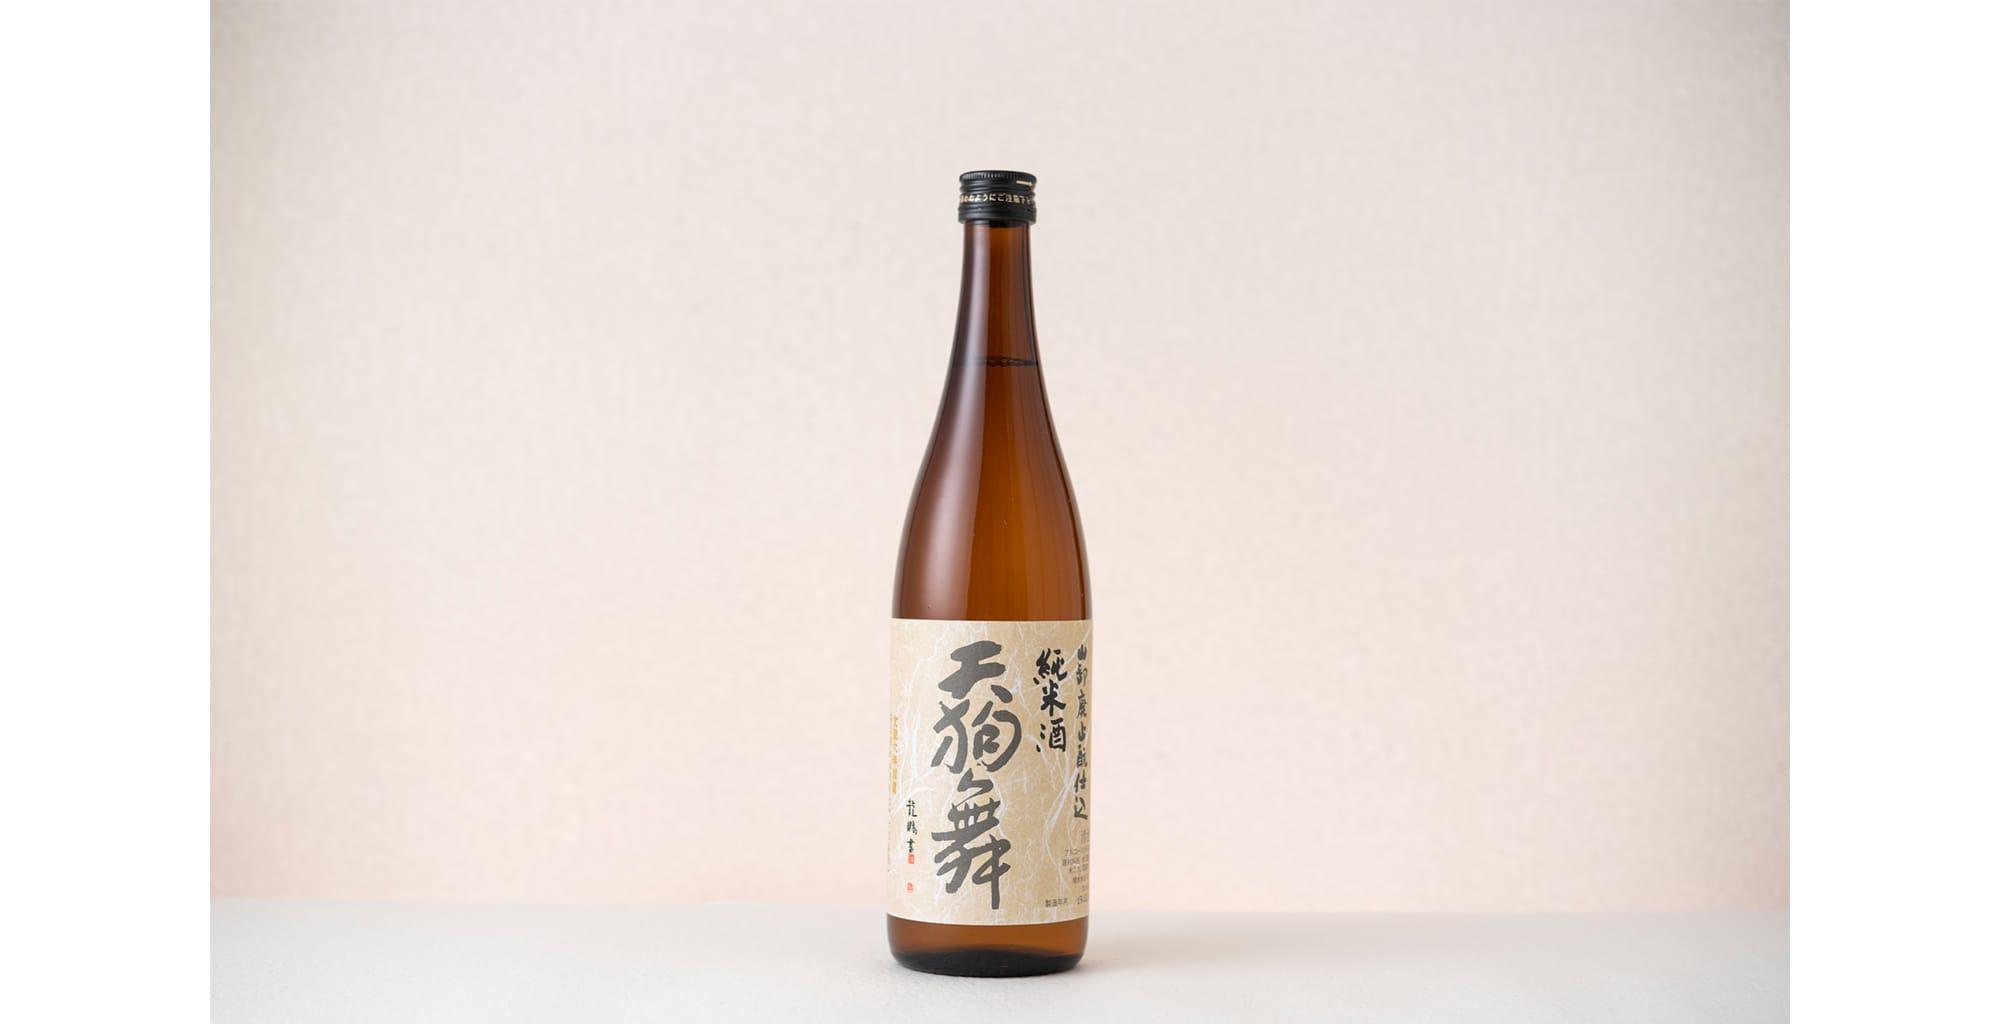 """""""天狗舞 山废酿造纯米酒"""" 720ml  1,400日币(不含税)"""